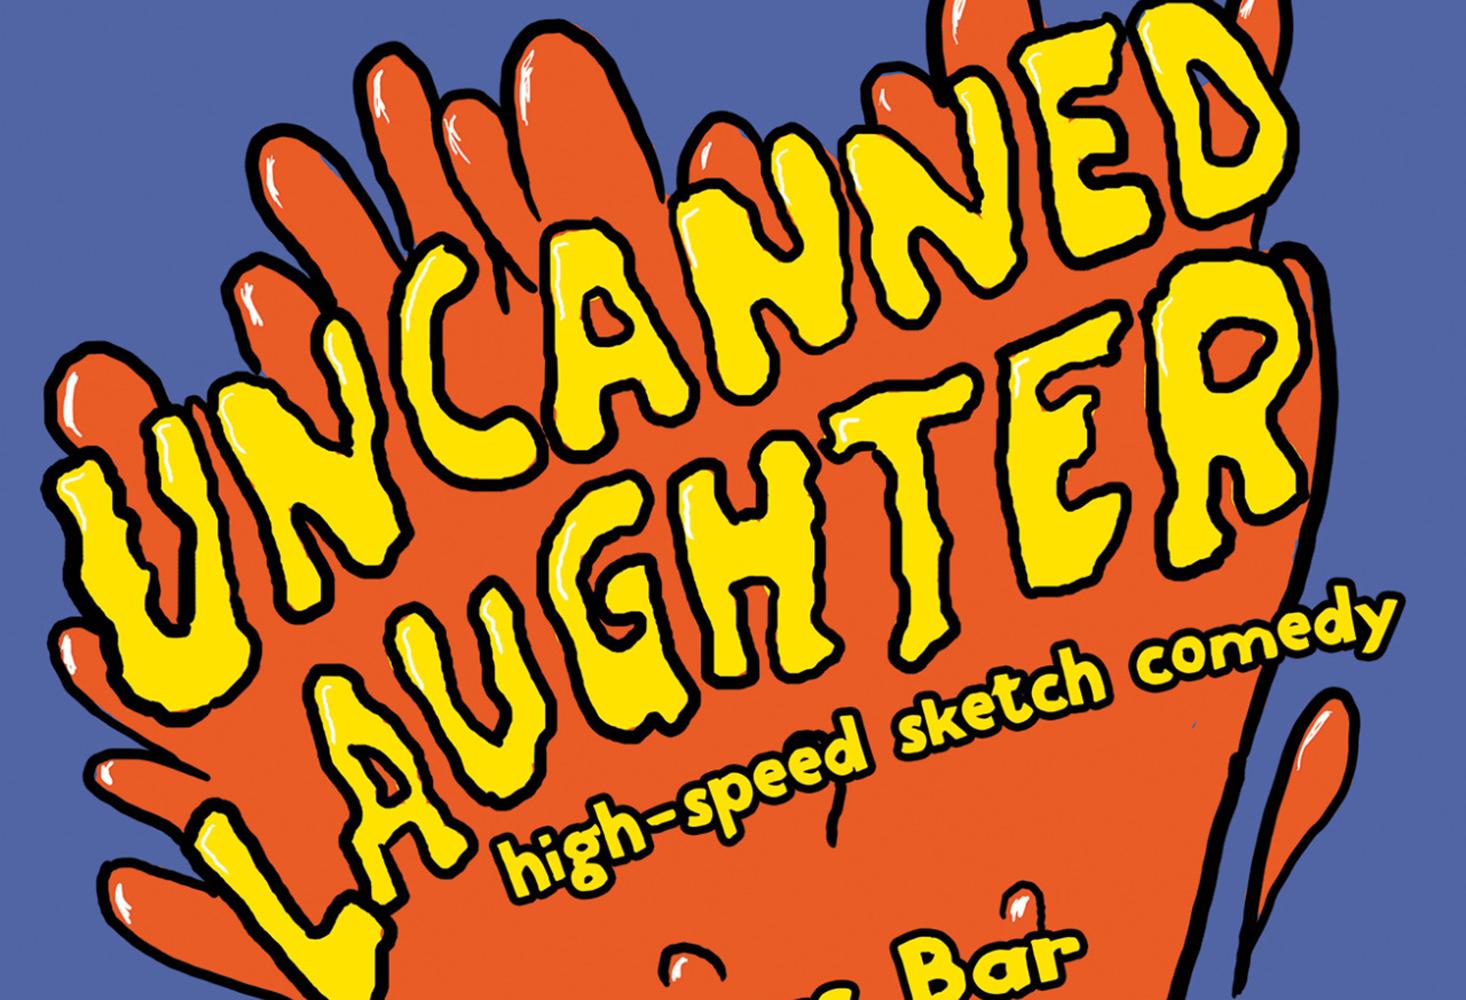 www.joebuckingham.co.uk